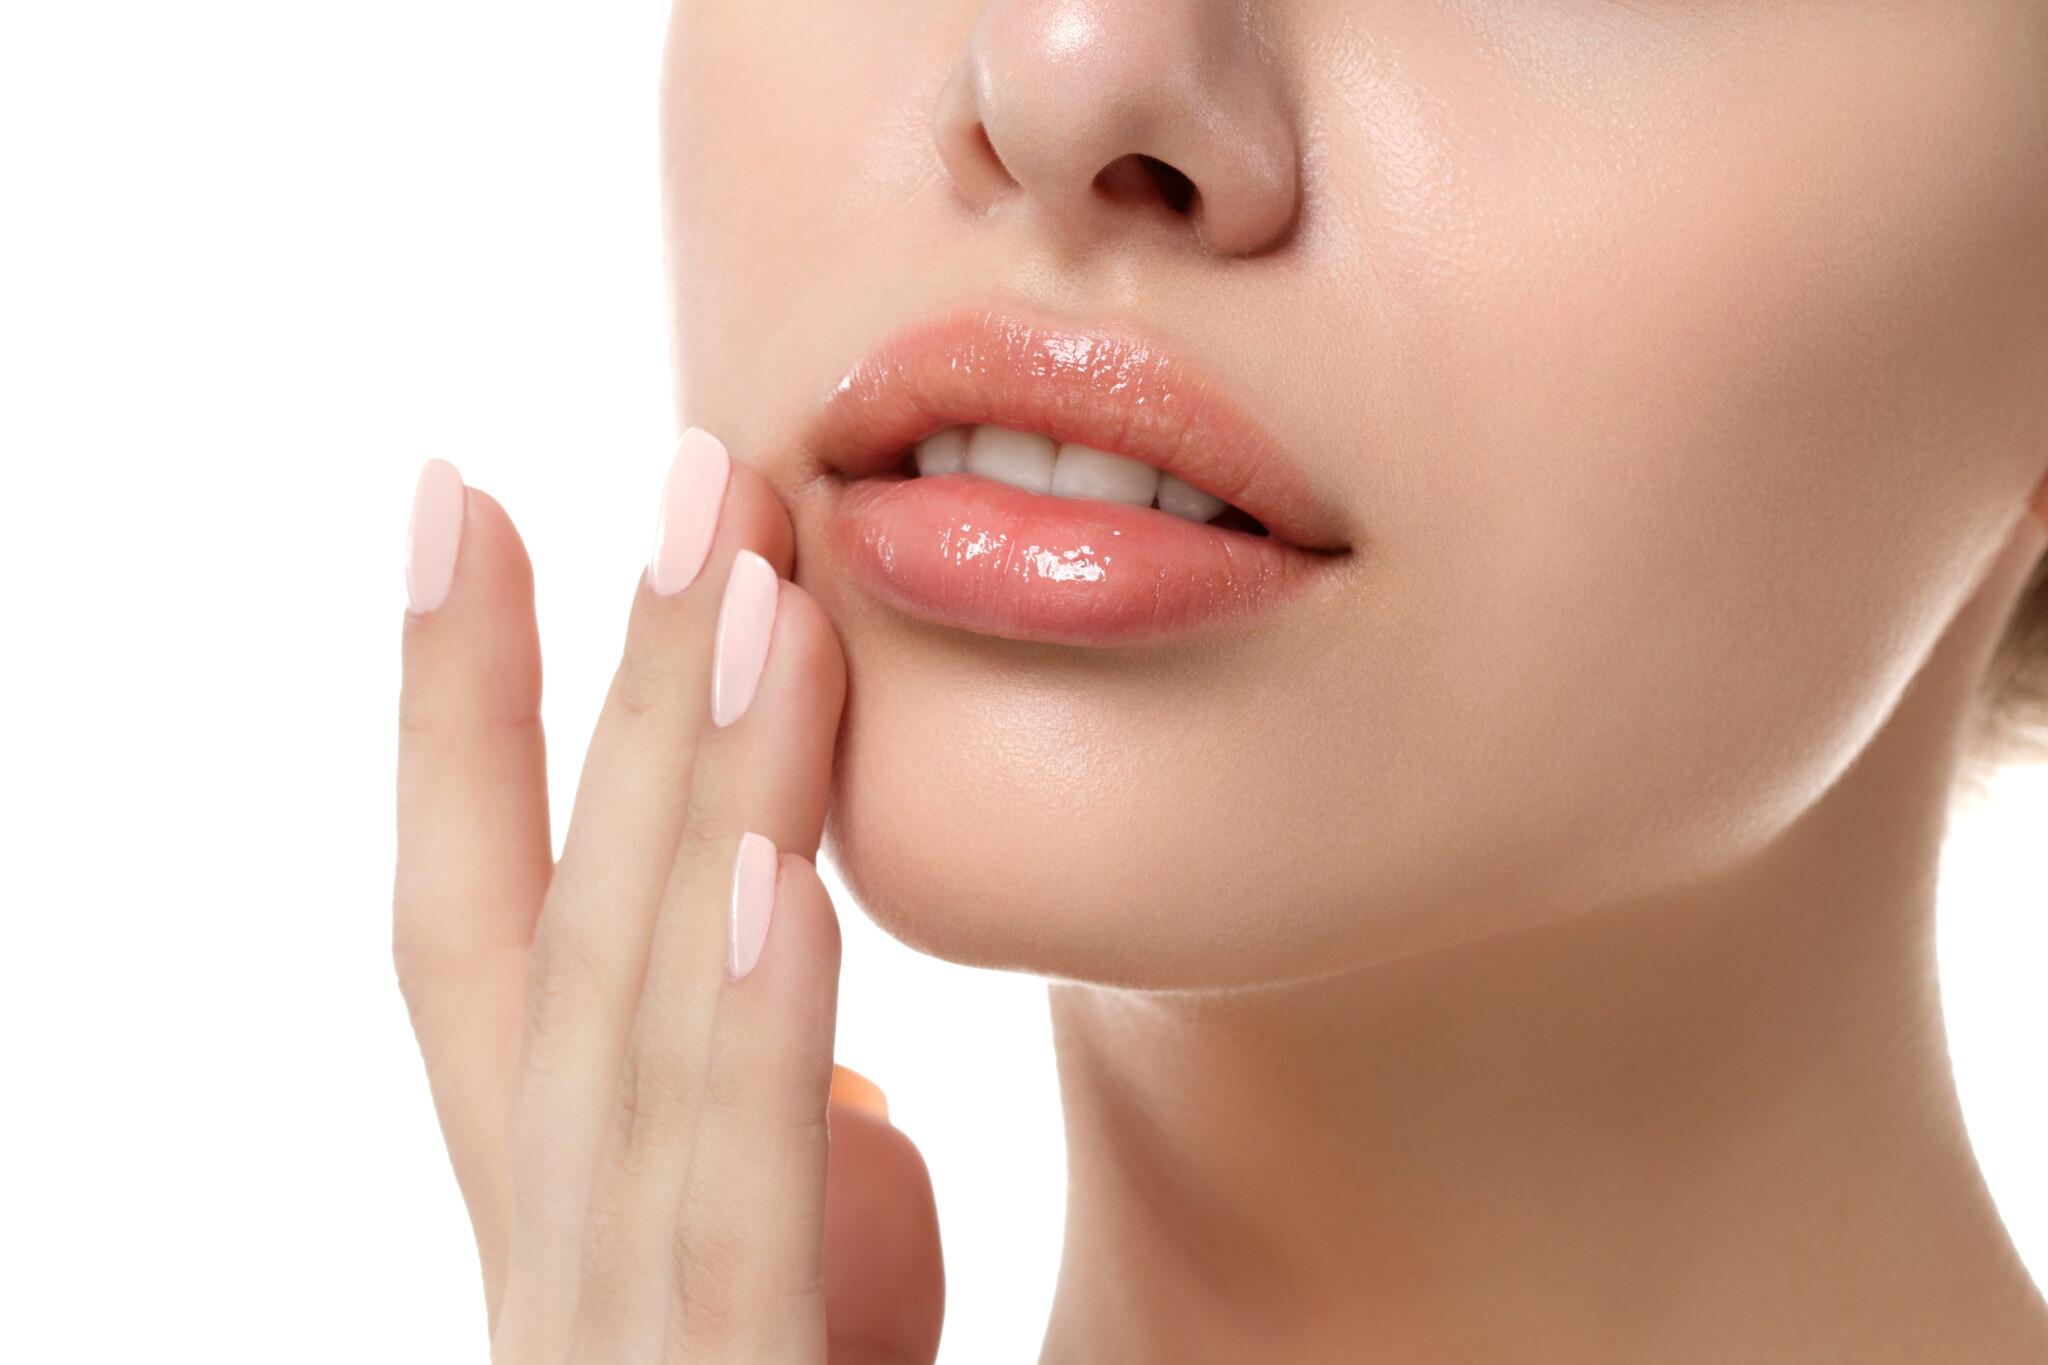 ぷっくりとした唇に導く… ほんのり色づき、ケアもしてくれる「万能リップ」3つ